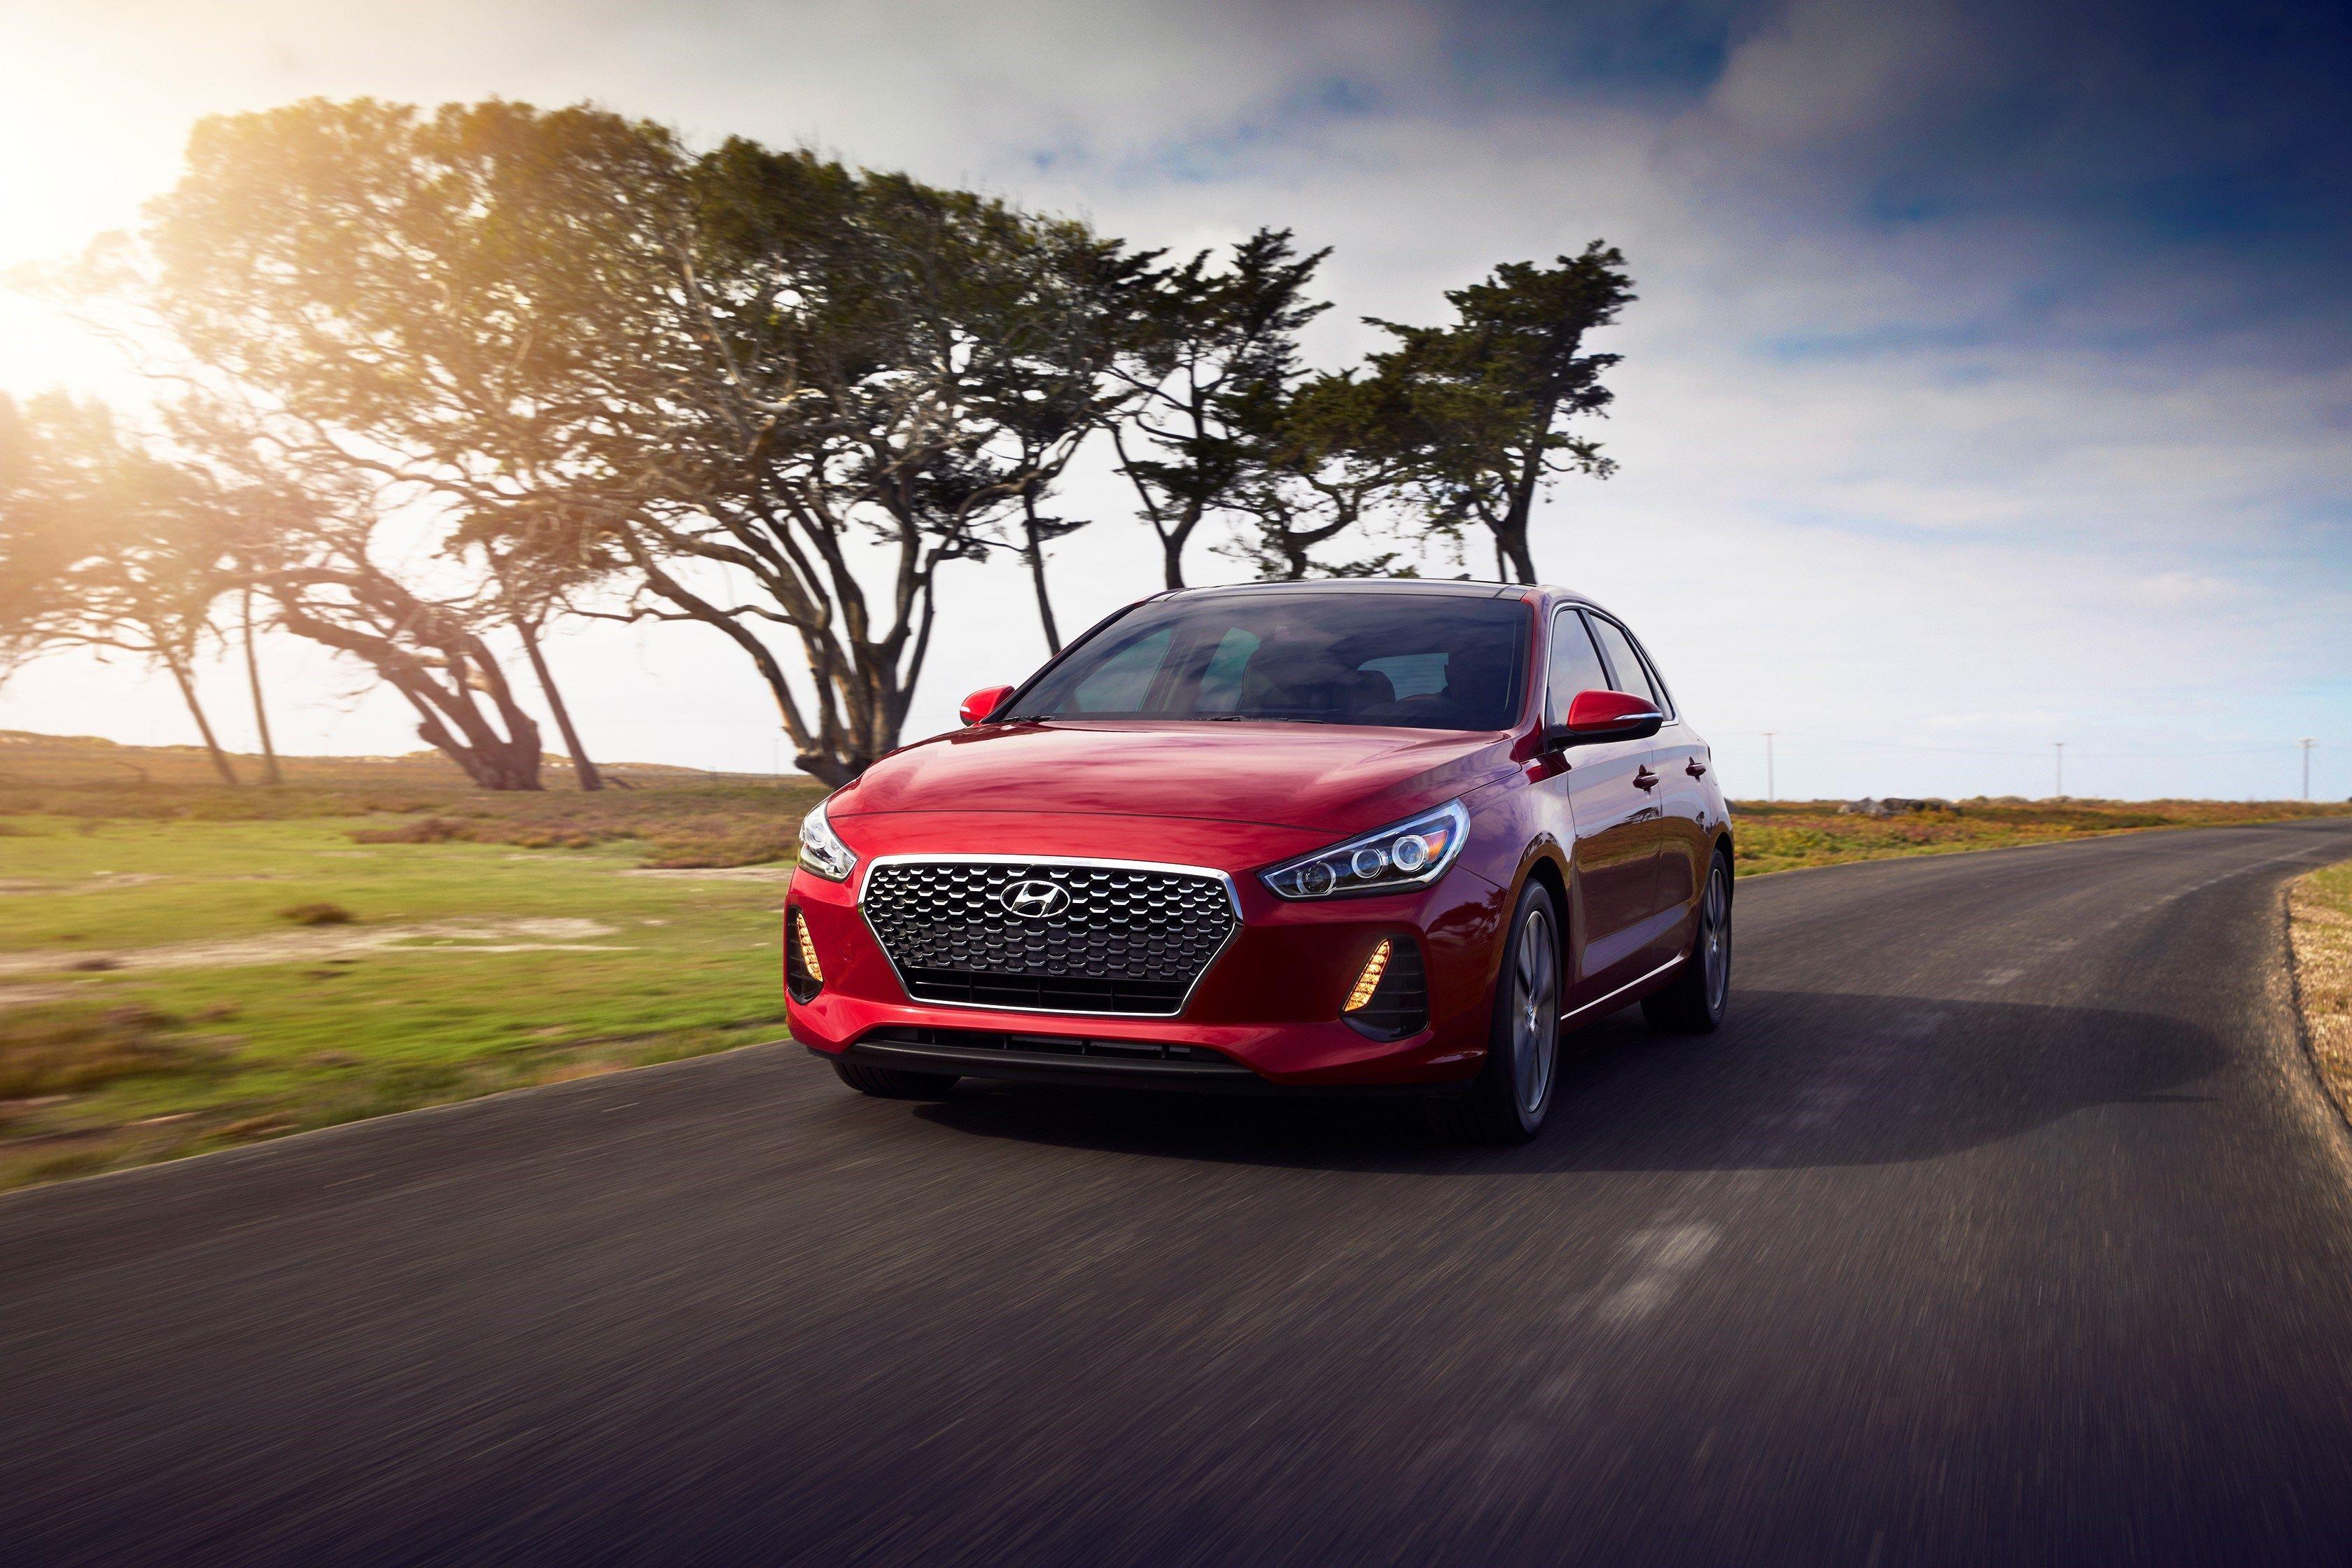 2020 Hyundai Elantra Gt Sport Review.2020 Hyundai Elantra Gt Review Pricing And Specs